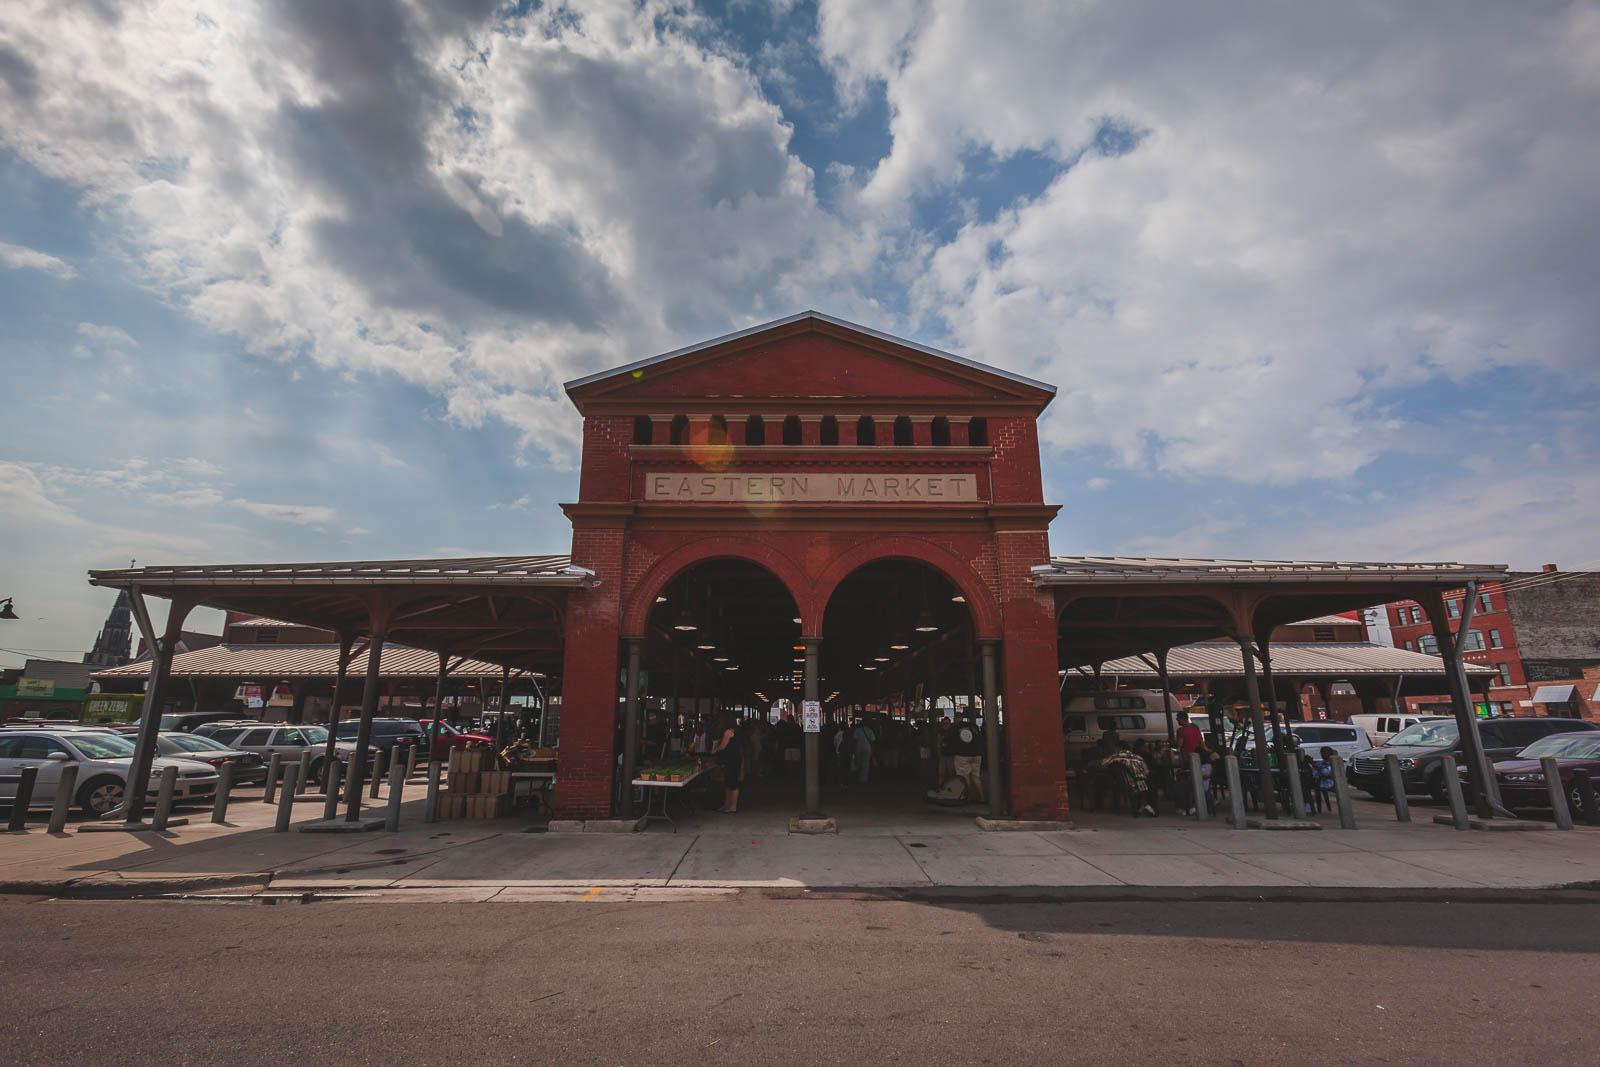 Eastern Market in Detroit